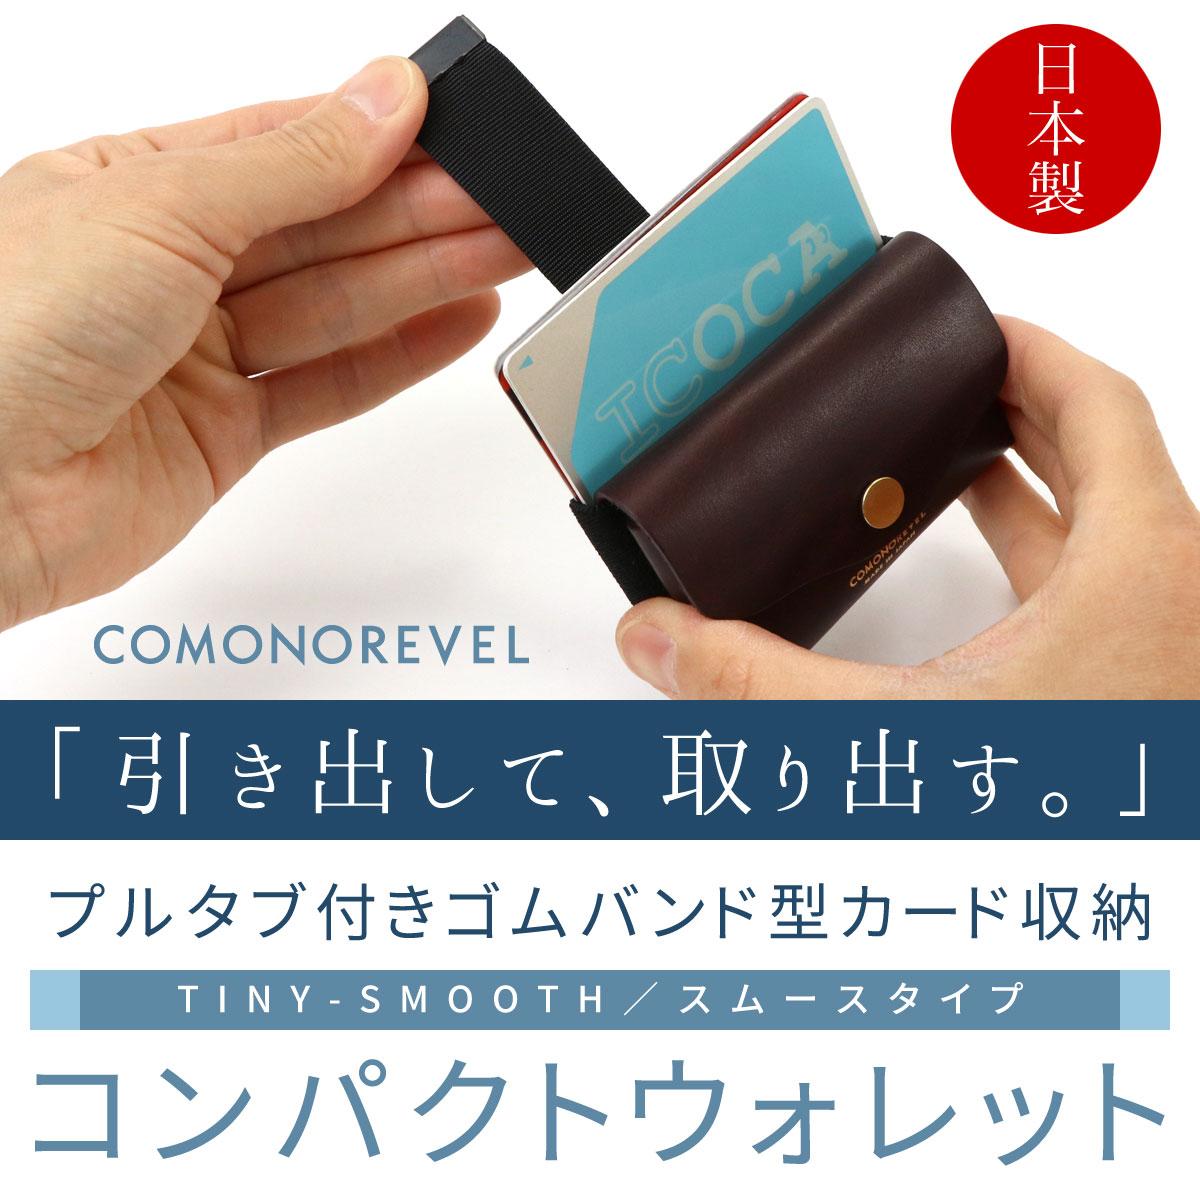 ミニ財布 コンパクトウォレット TINY SMOOTH 日本製 メンズ 本革 たつのレザー オイルレザー スムースレザー COMONOREVEL コモノレヴェル CLOWBAR クロウバー COM-ONO コムォノ